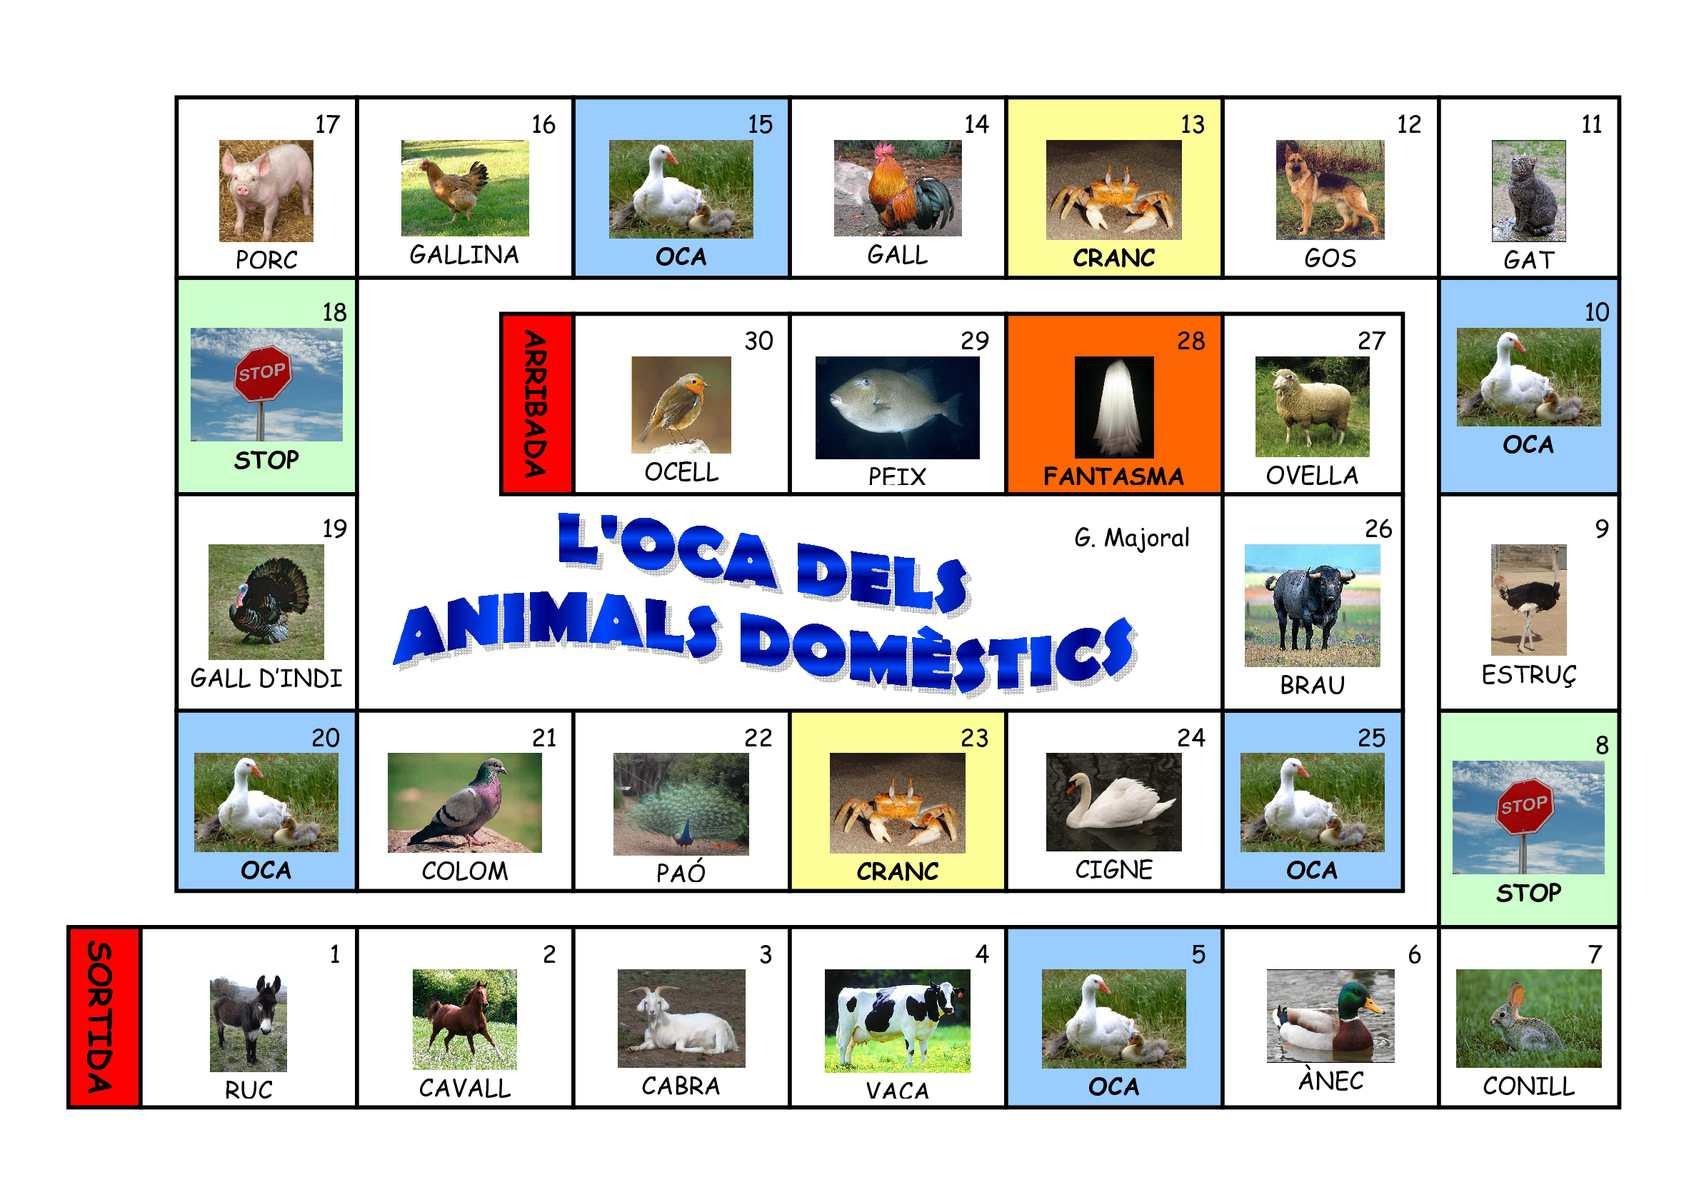 OCA ANIMALS DOMÈSTICS